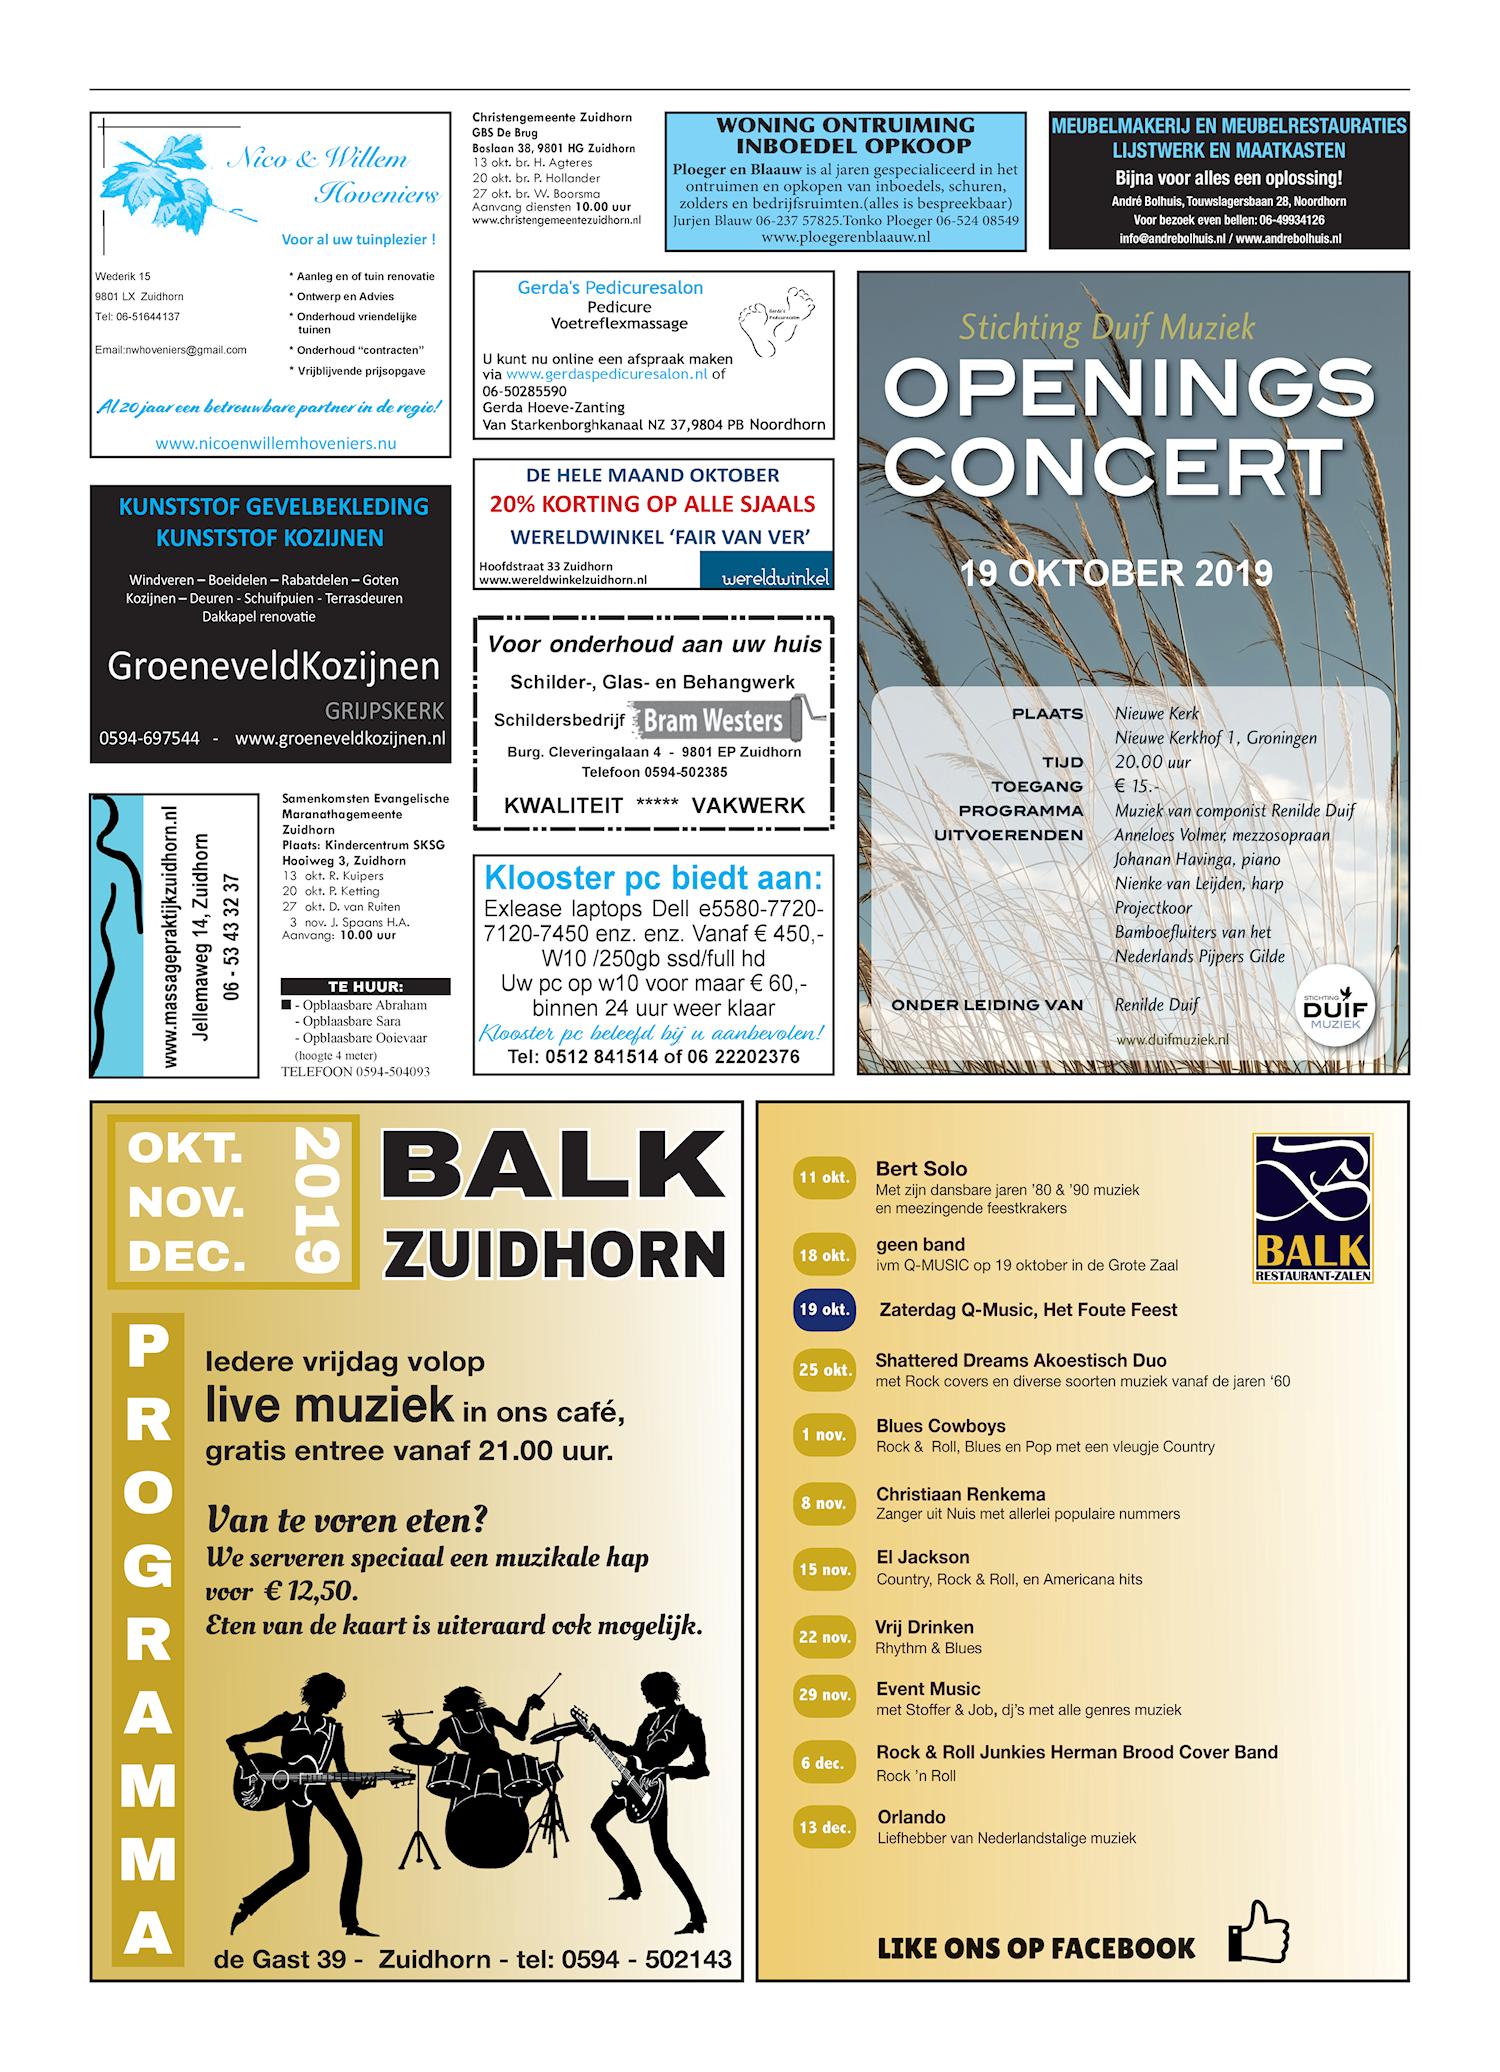 Drukkerij Hekkema - Zuidhorn - Zaken die uw aandacht vragen 2019 week 41